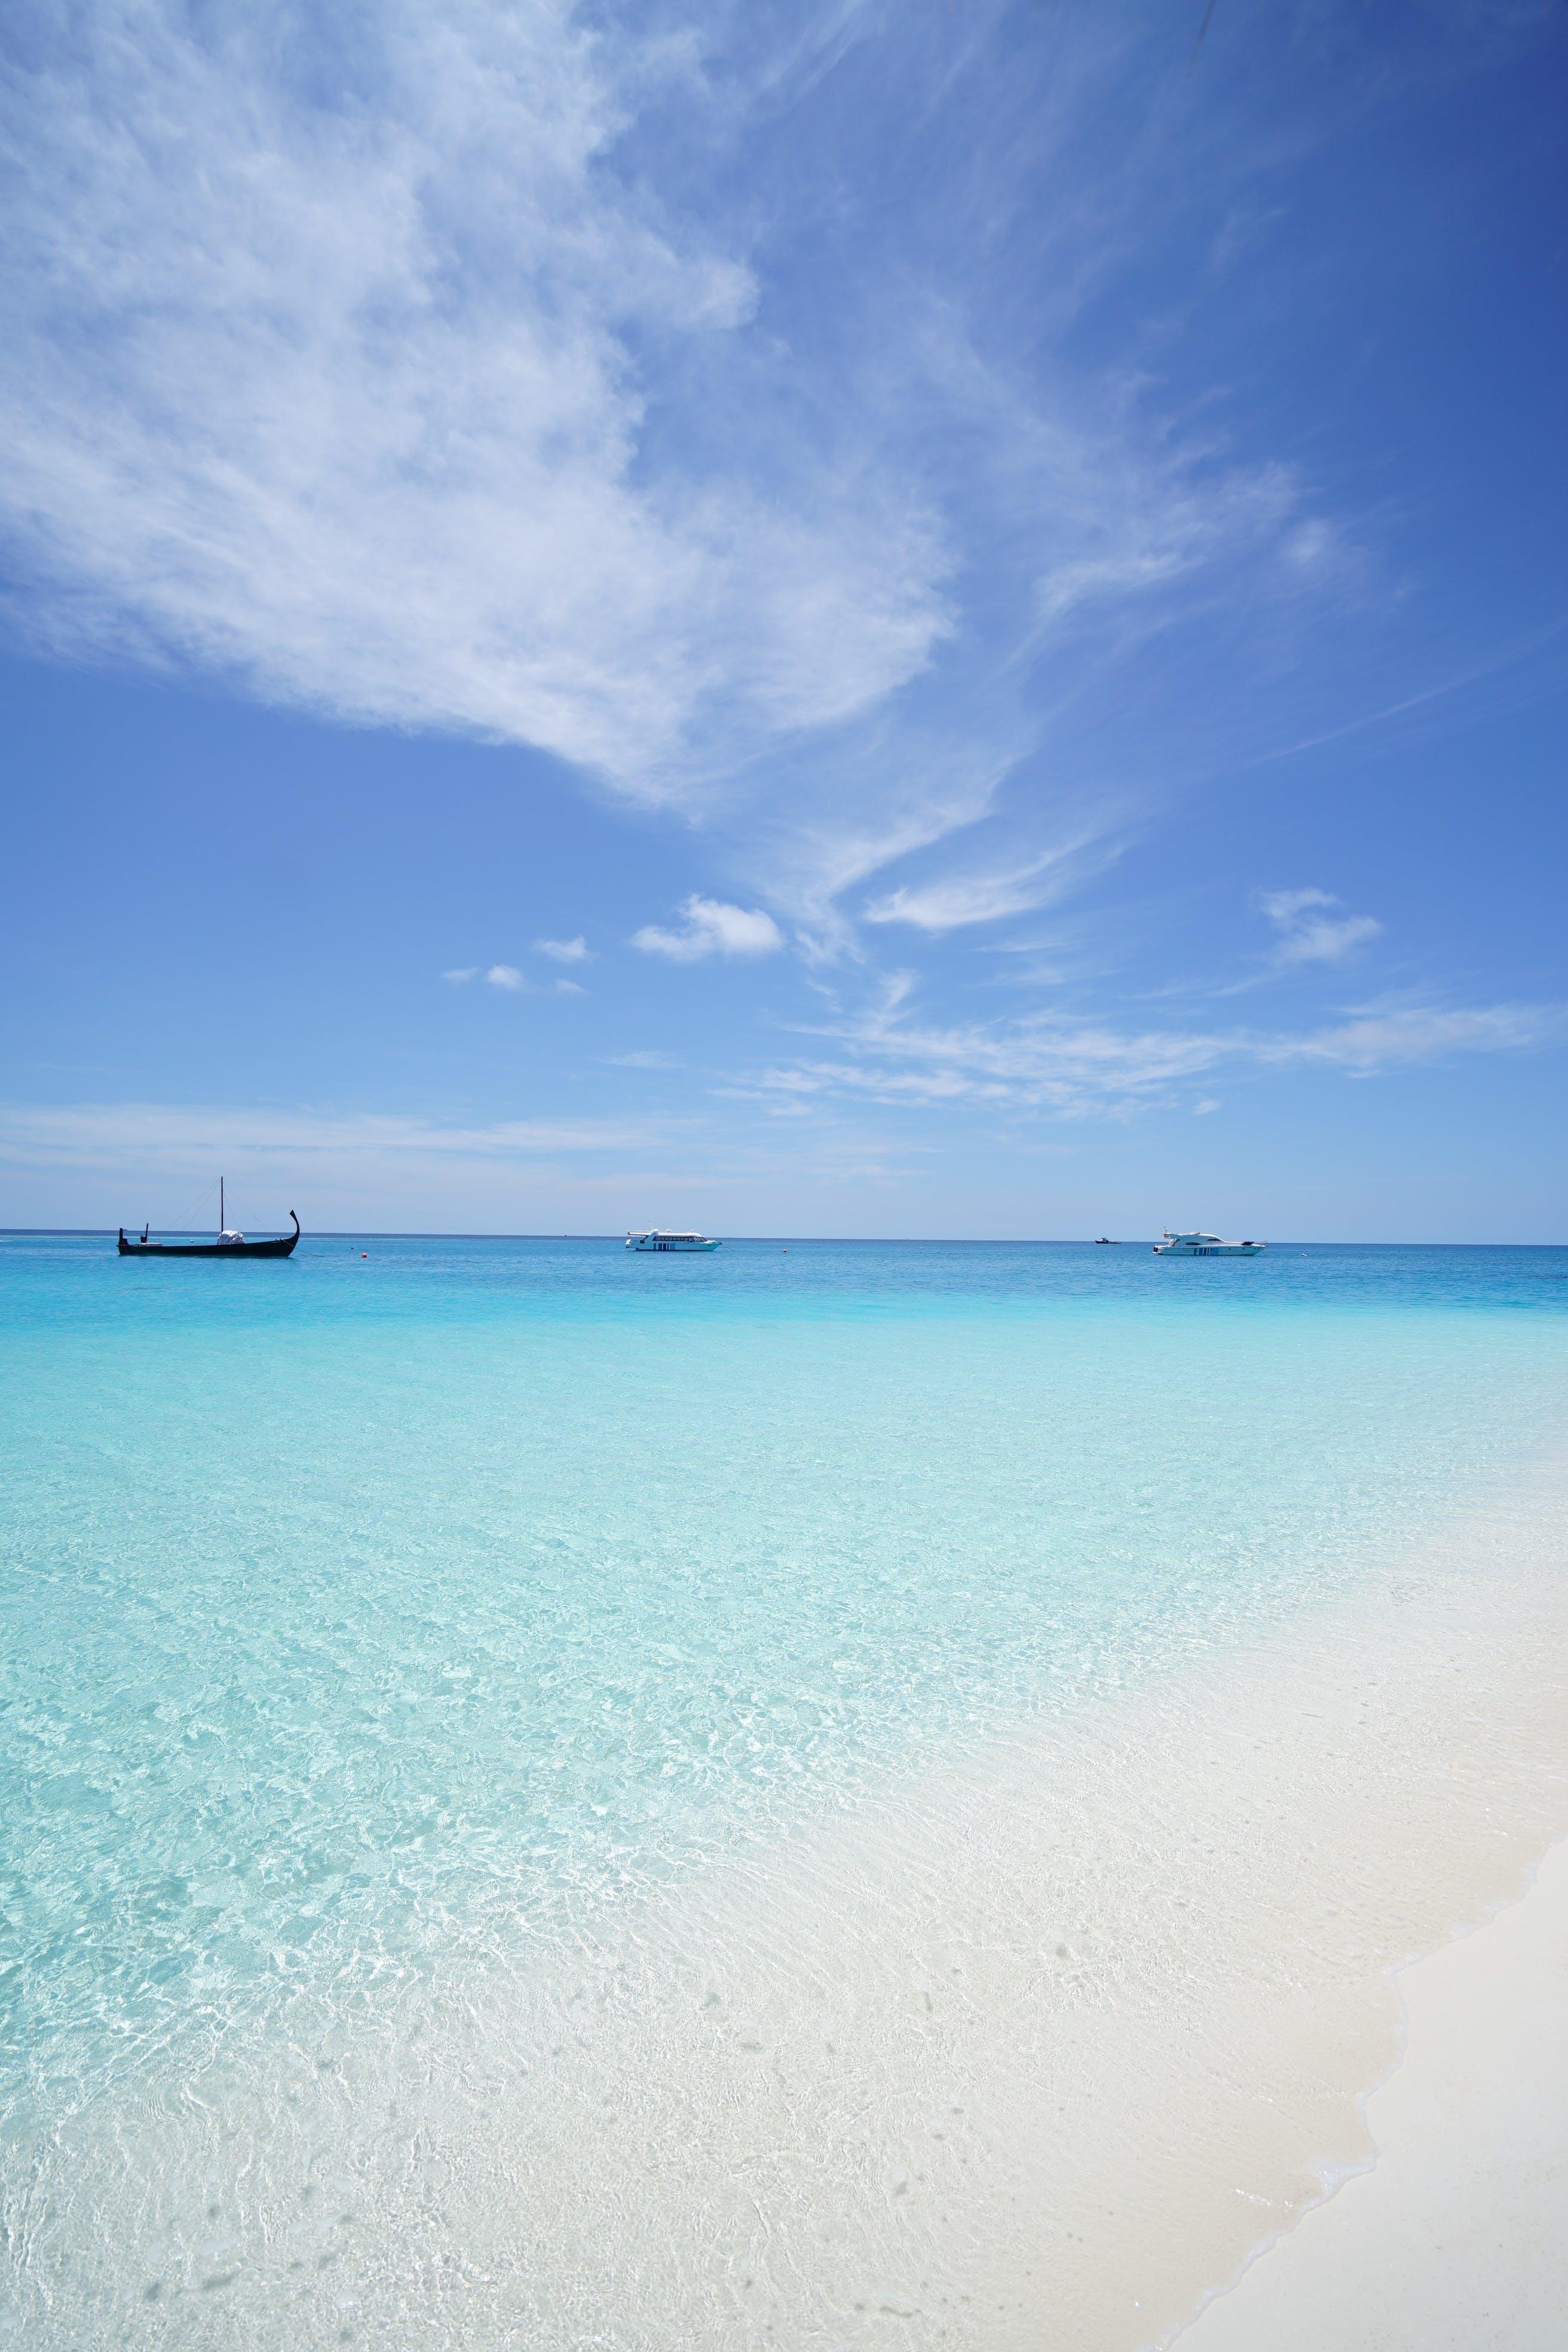 de água, areia, beira-mar, céu